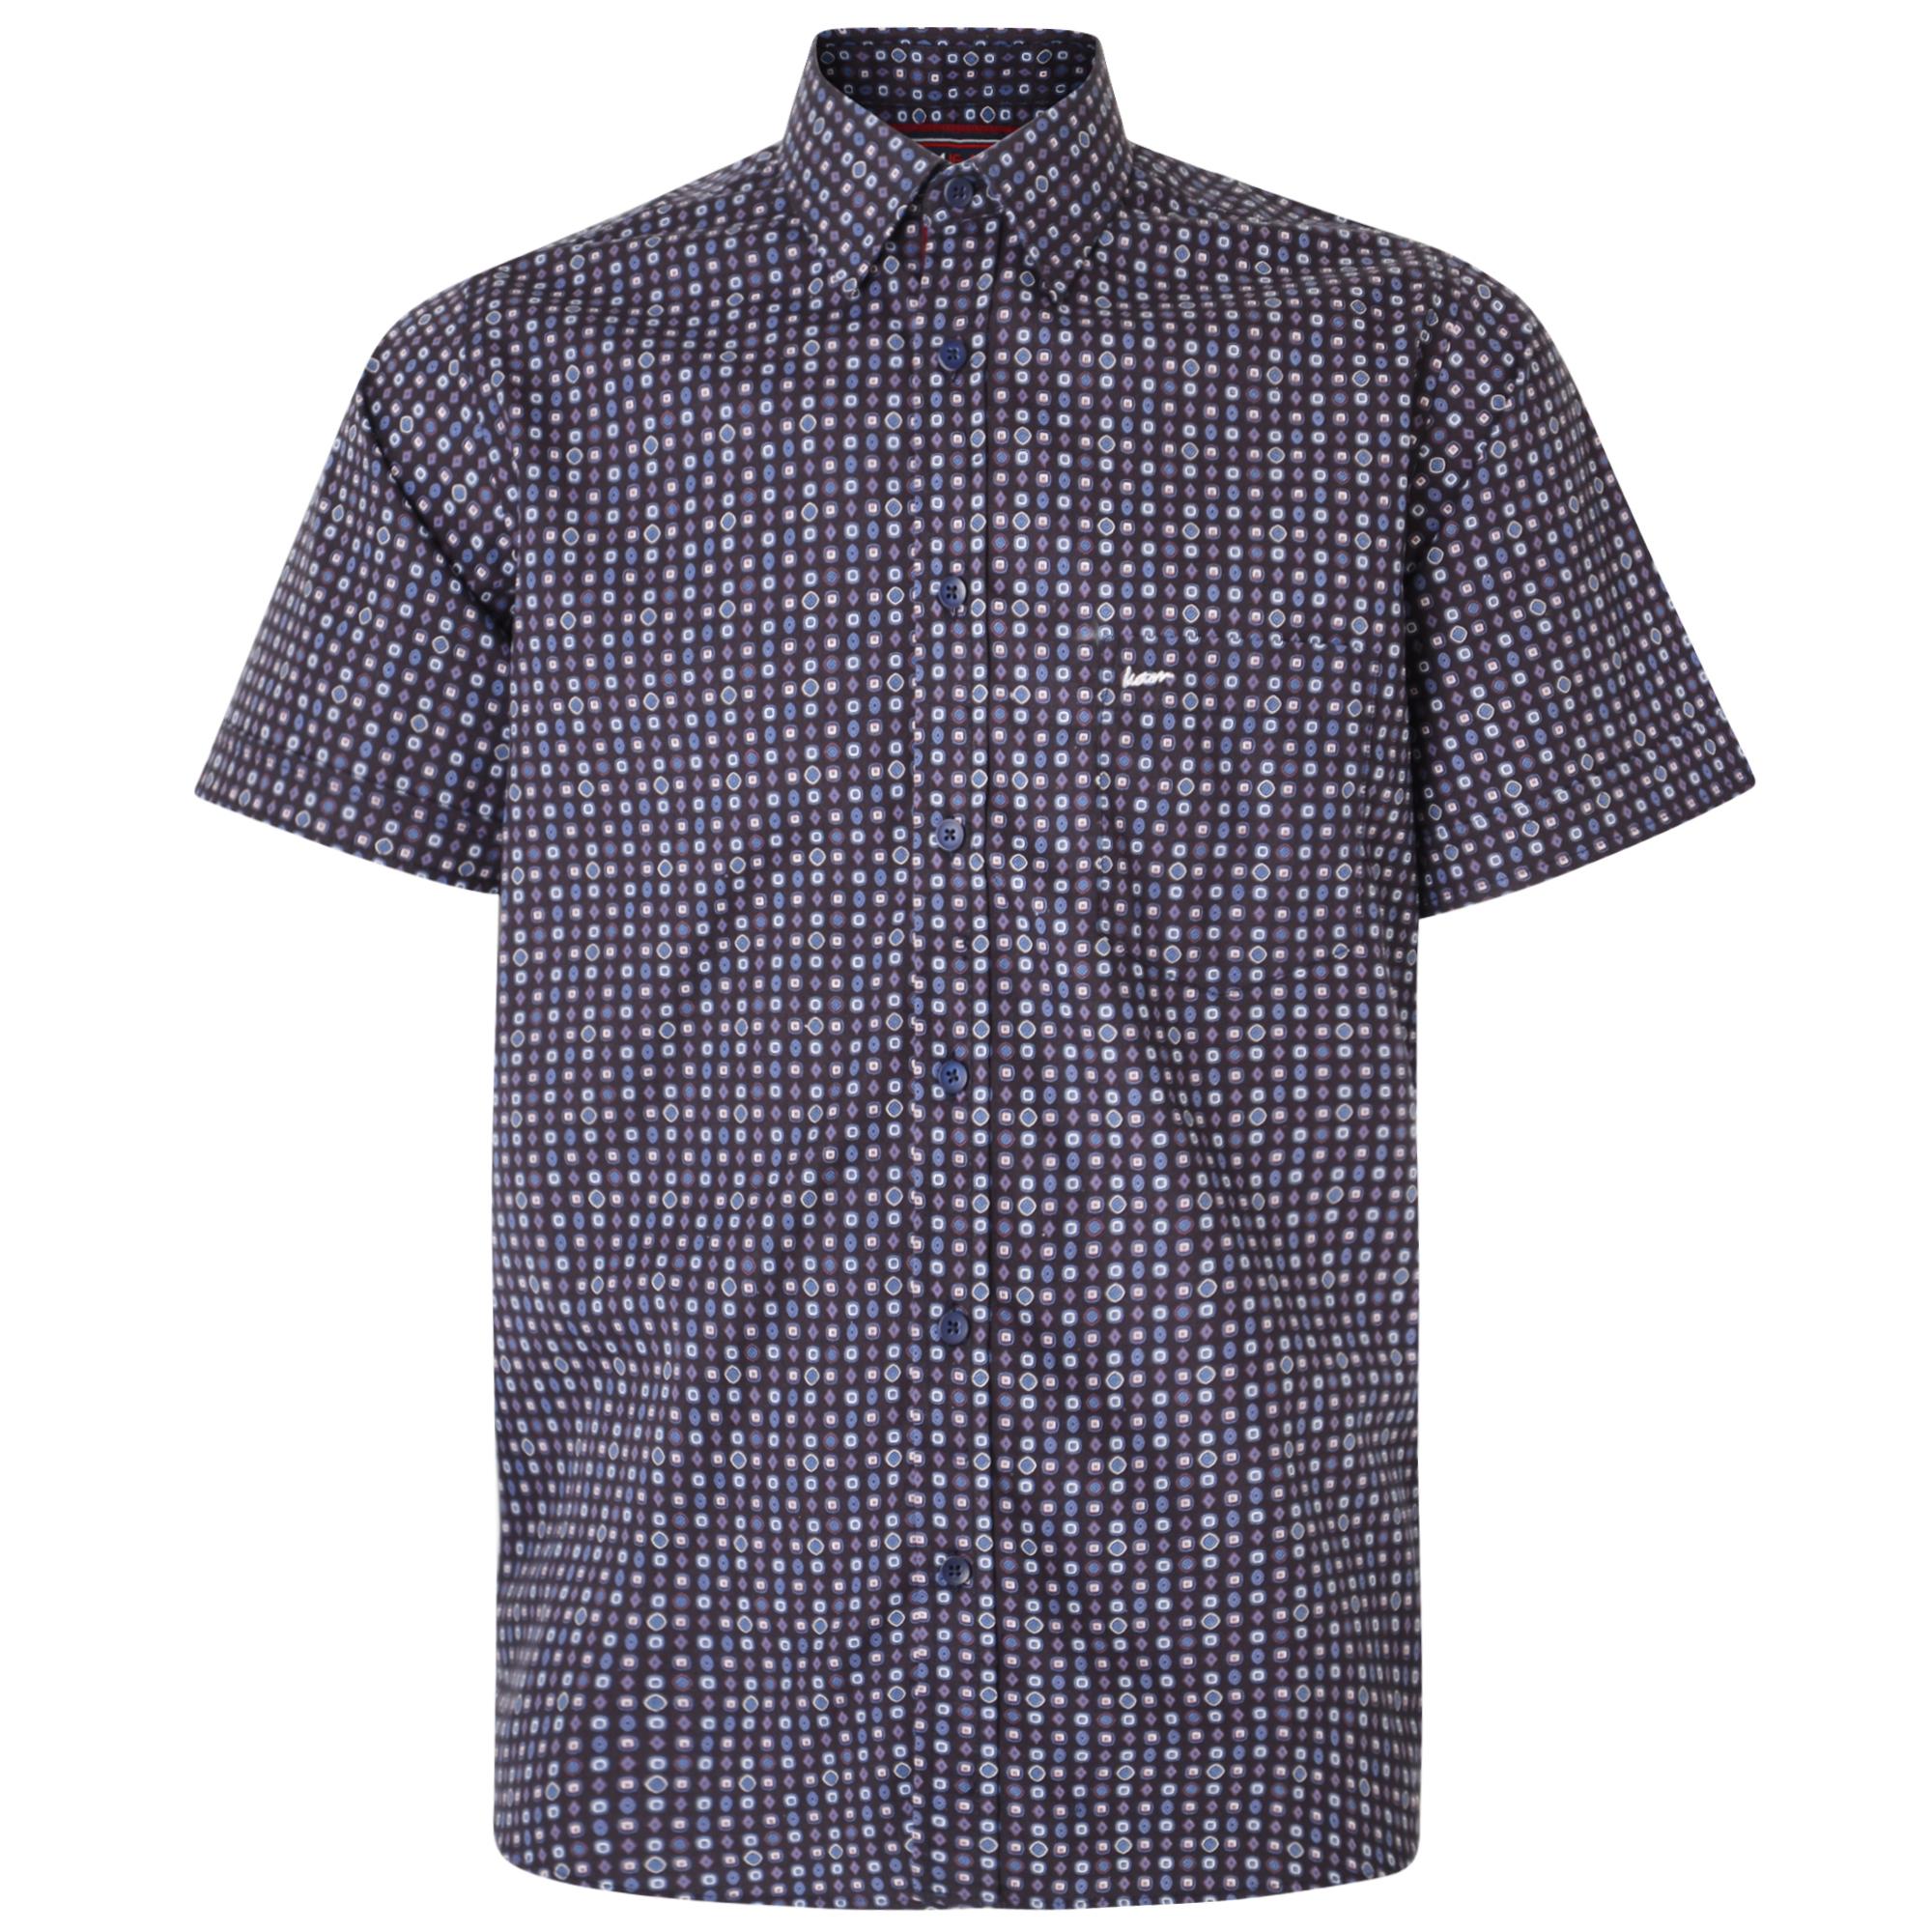 Dobby print overhemd van merk KAM Jeanswear in de kleur navy, gemaakt van 100% katoen.